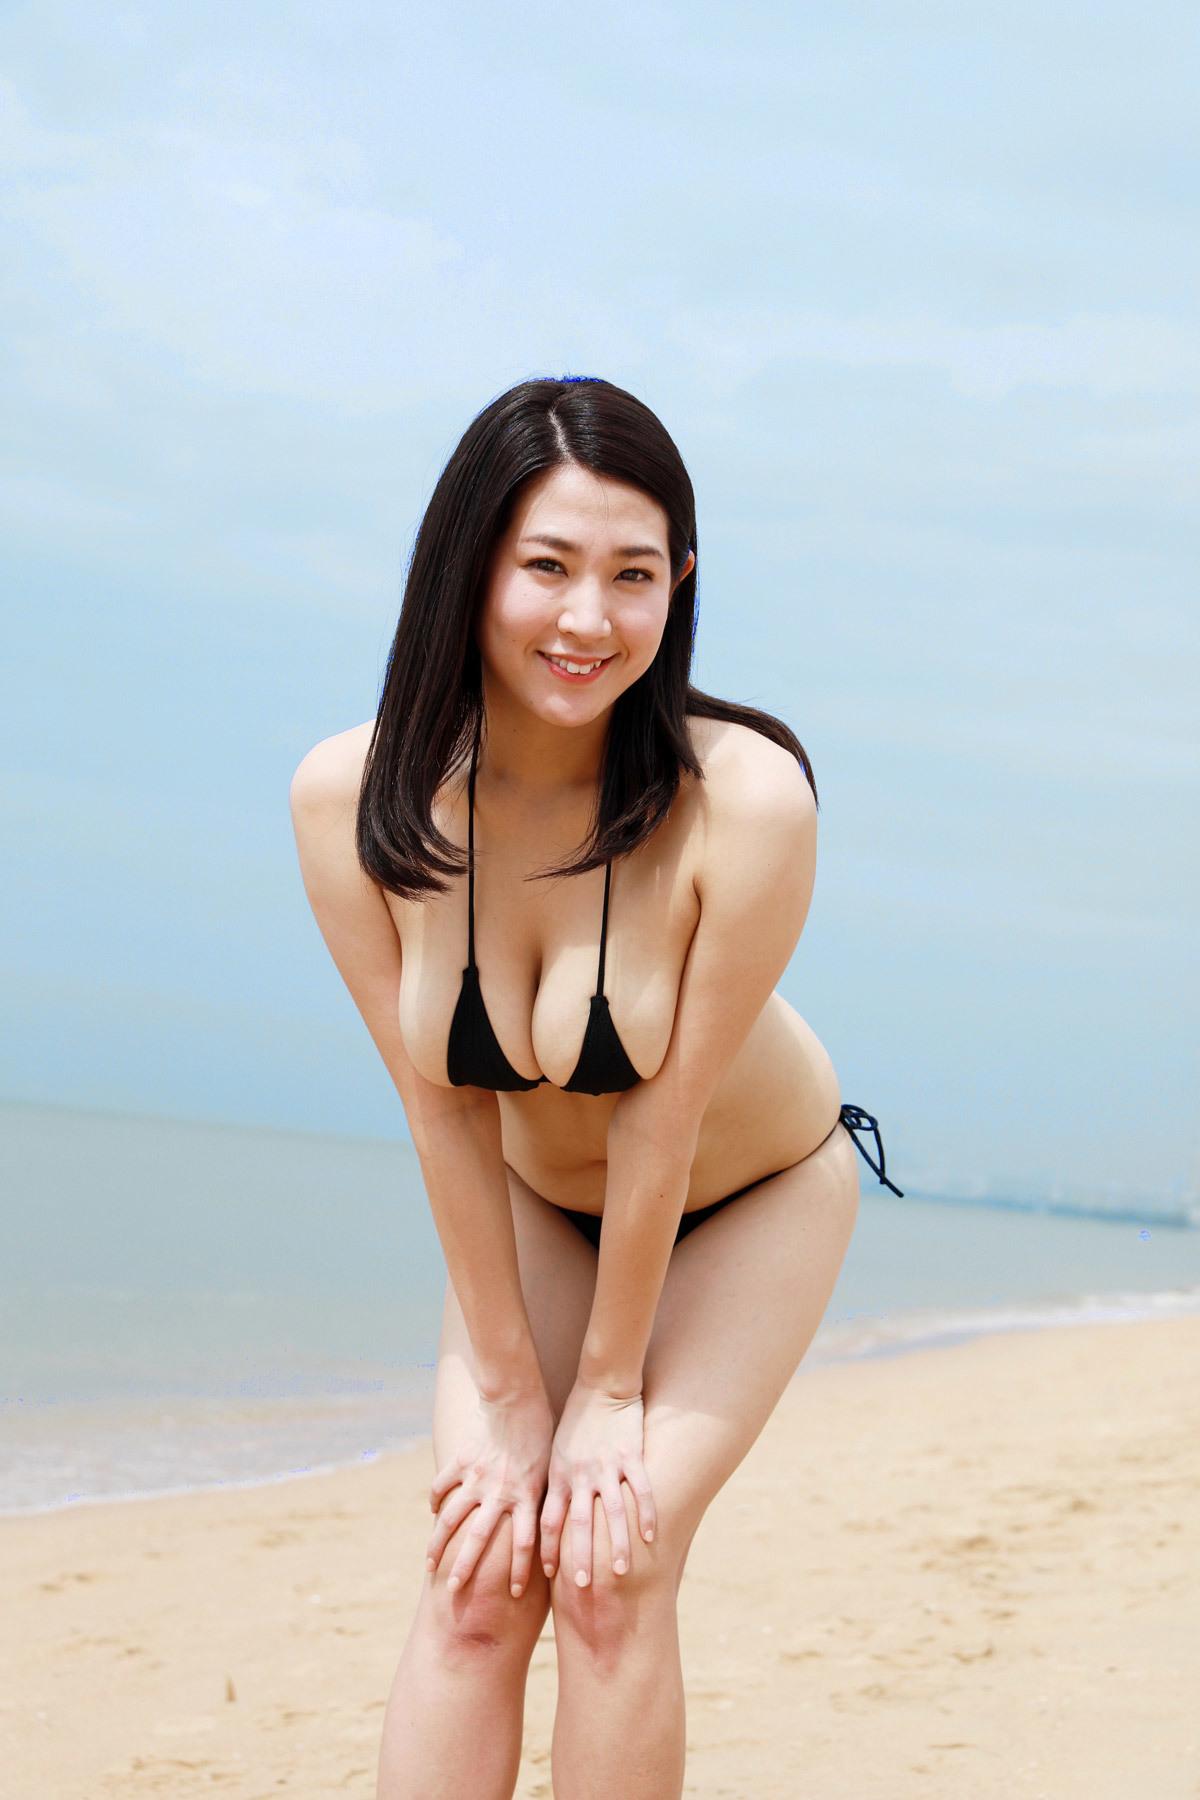 三次元 3次元 エロ画像 水着 ビキニ べっぴん娘通信 12